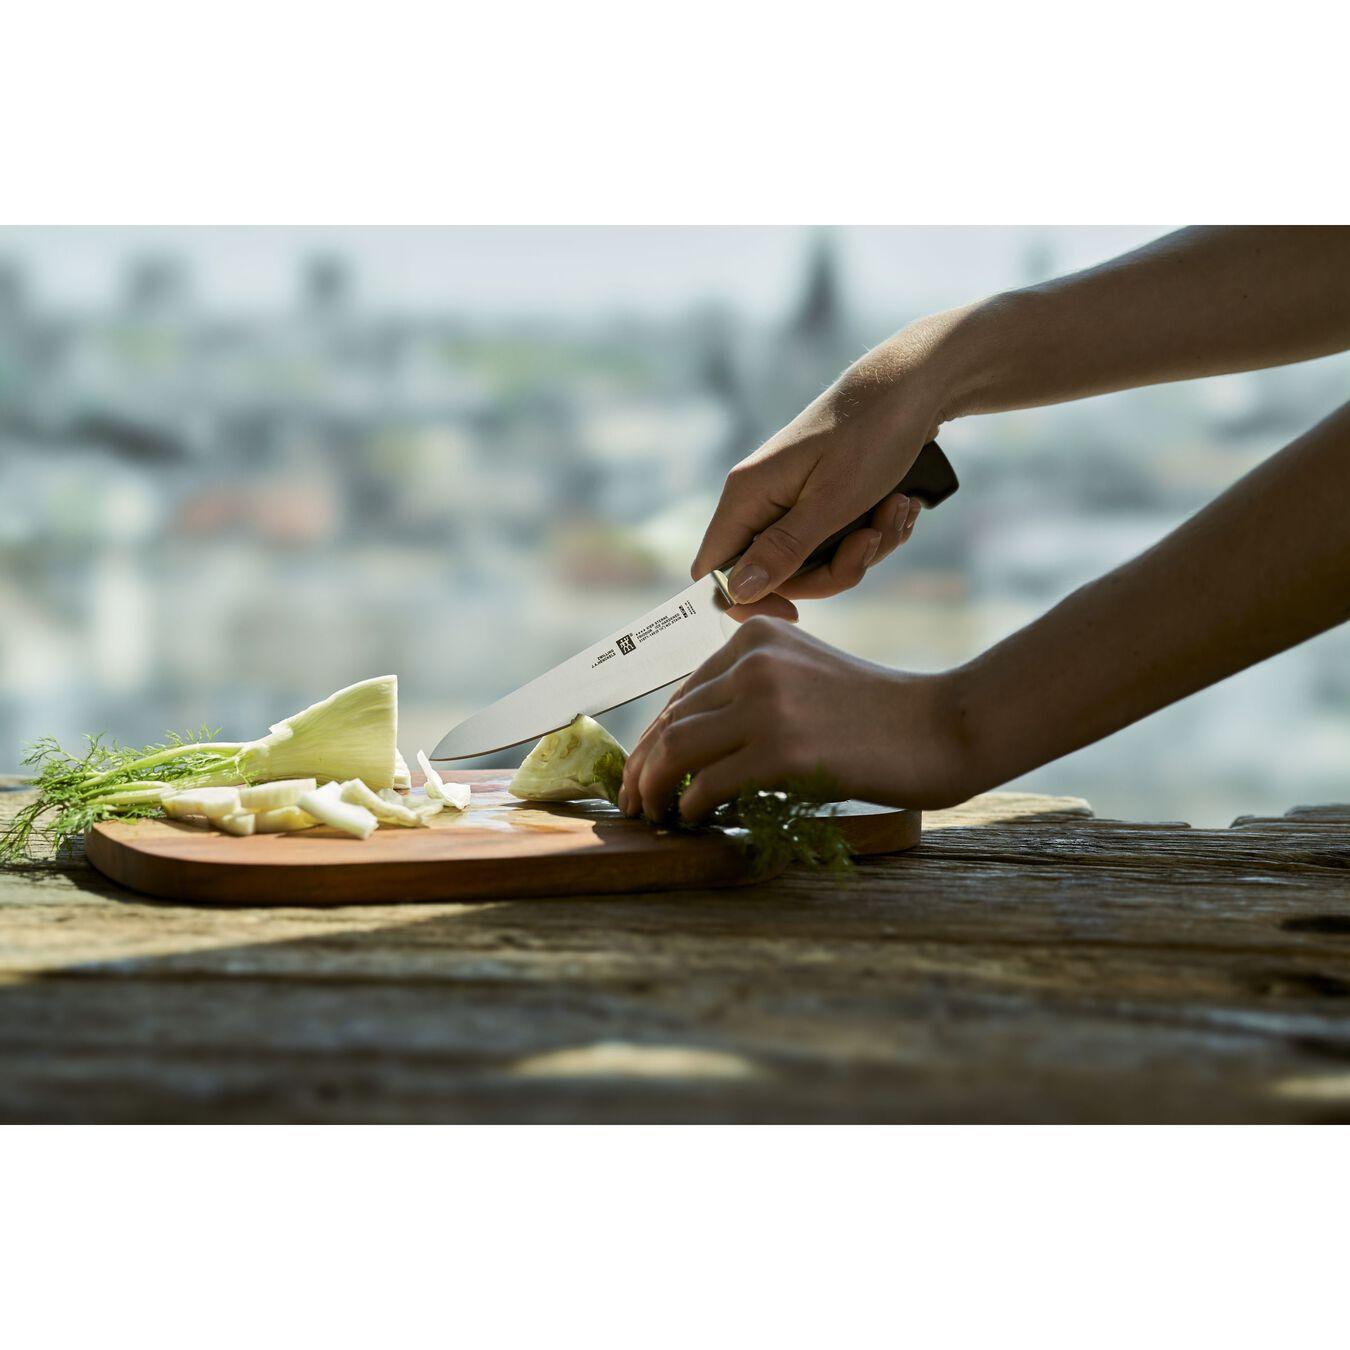 Couteau de chef compact 14 cm, Argent, Plastique,,large 4